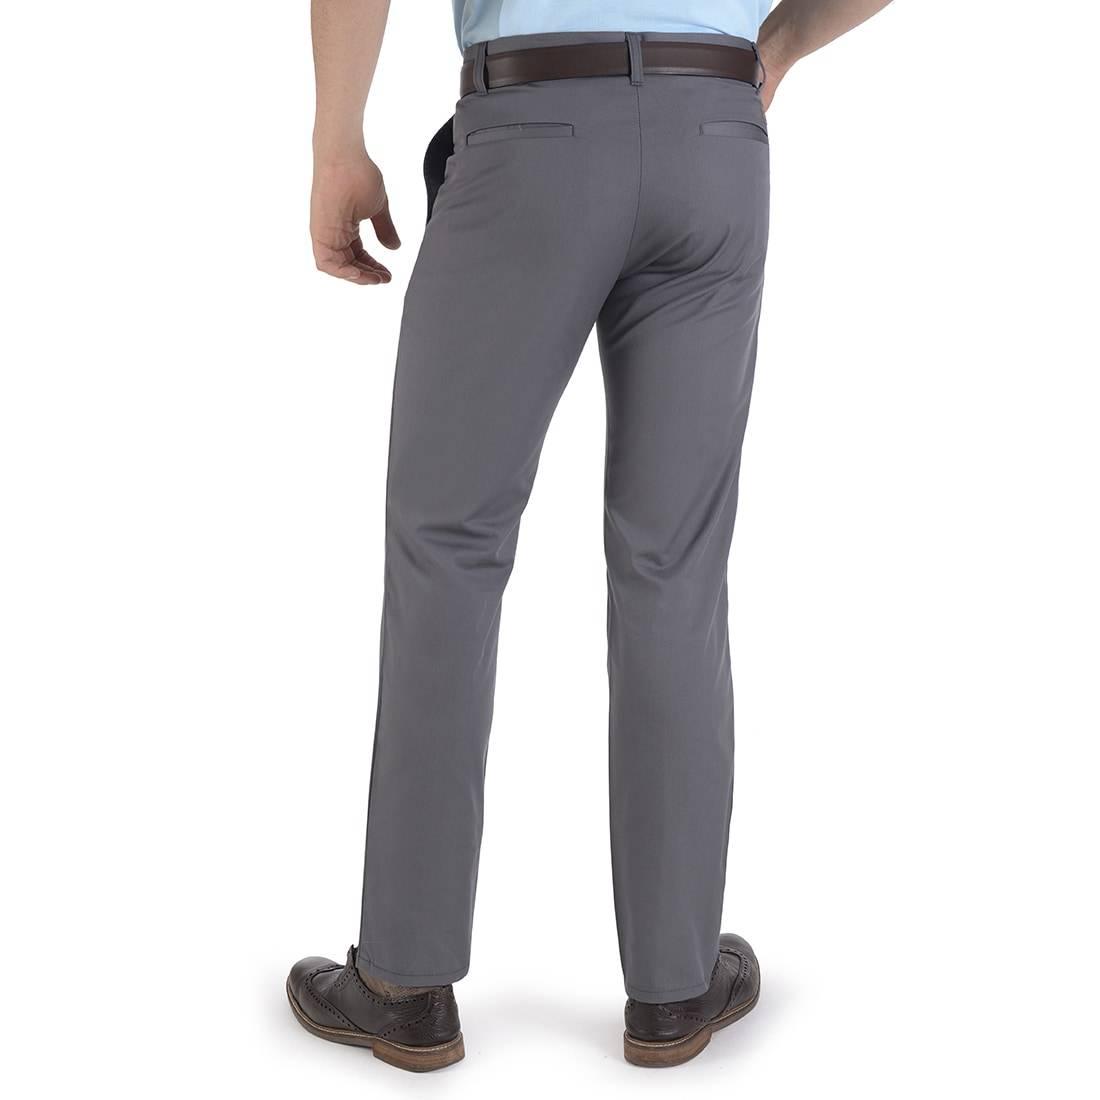 010789055287-02-Pantalon-Casual-Classic-Fit-Verde-yale